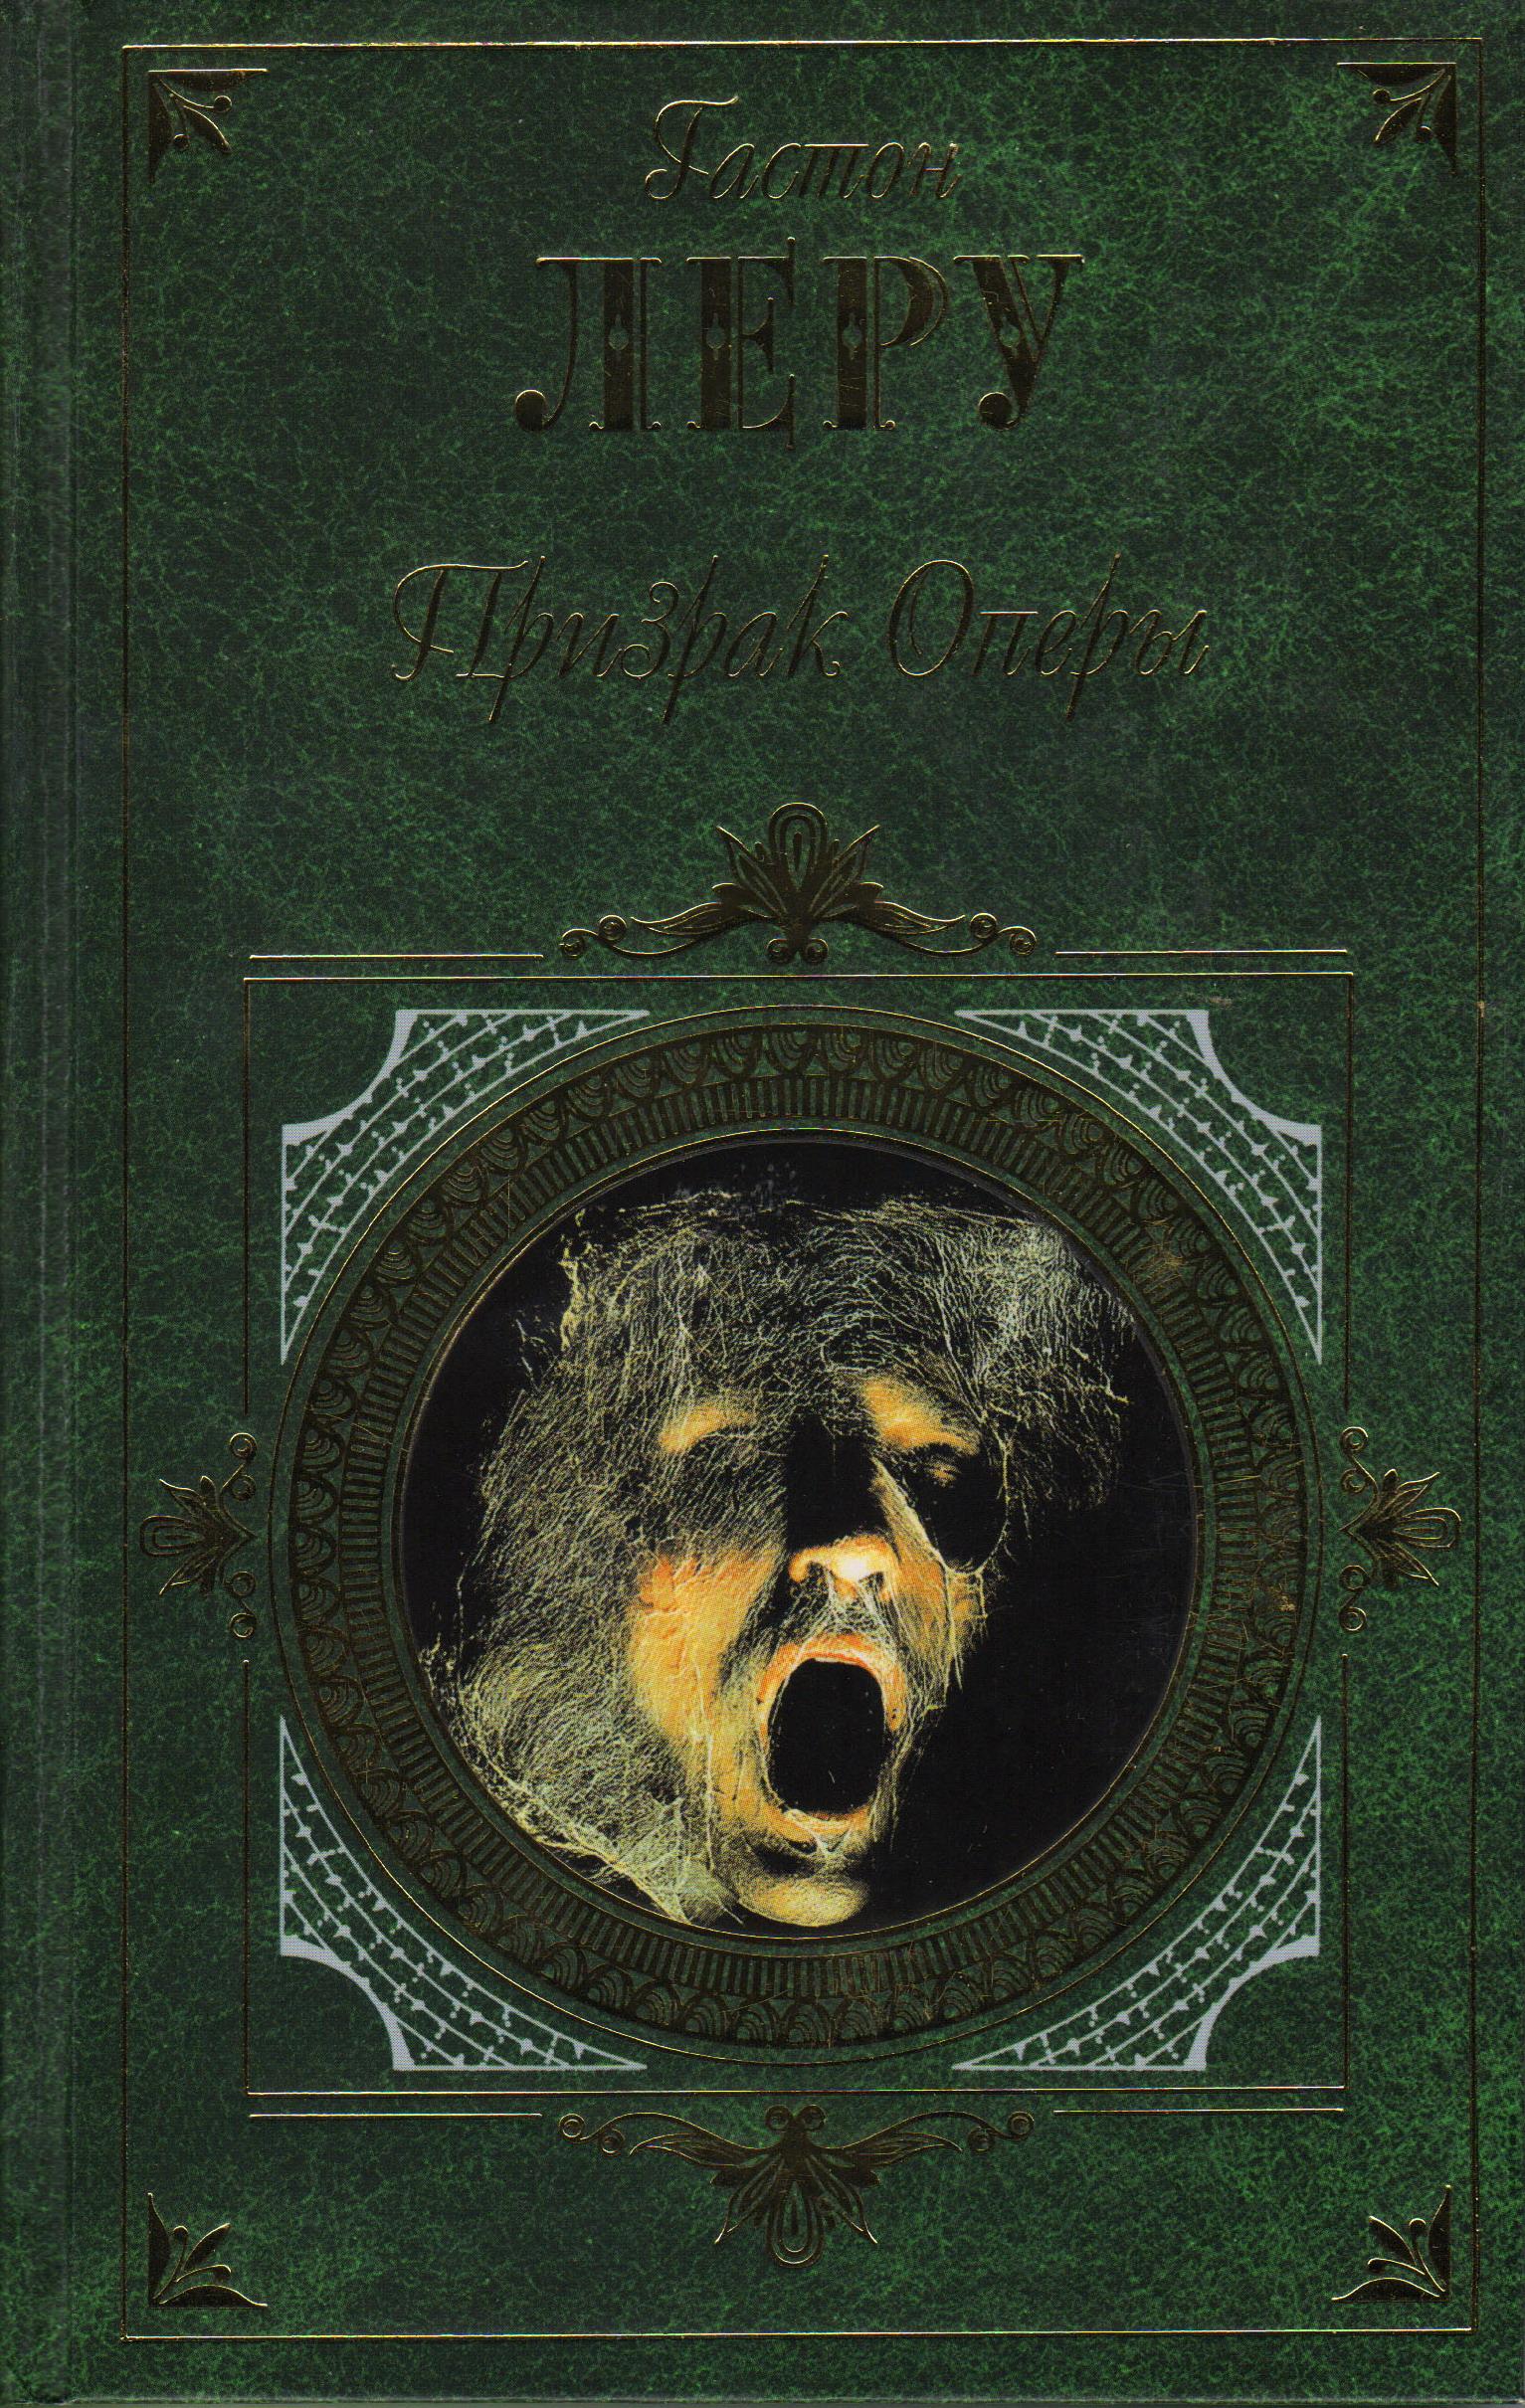 Гастон леру призрак оперы скачать книгу бесплатно